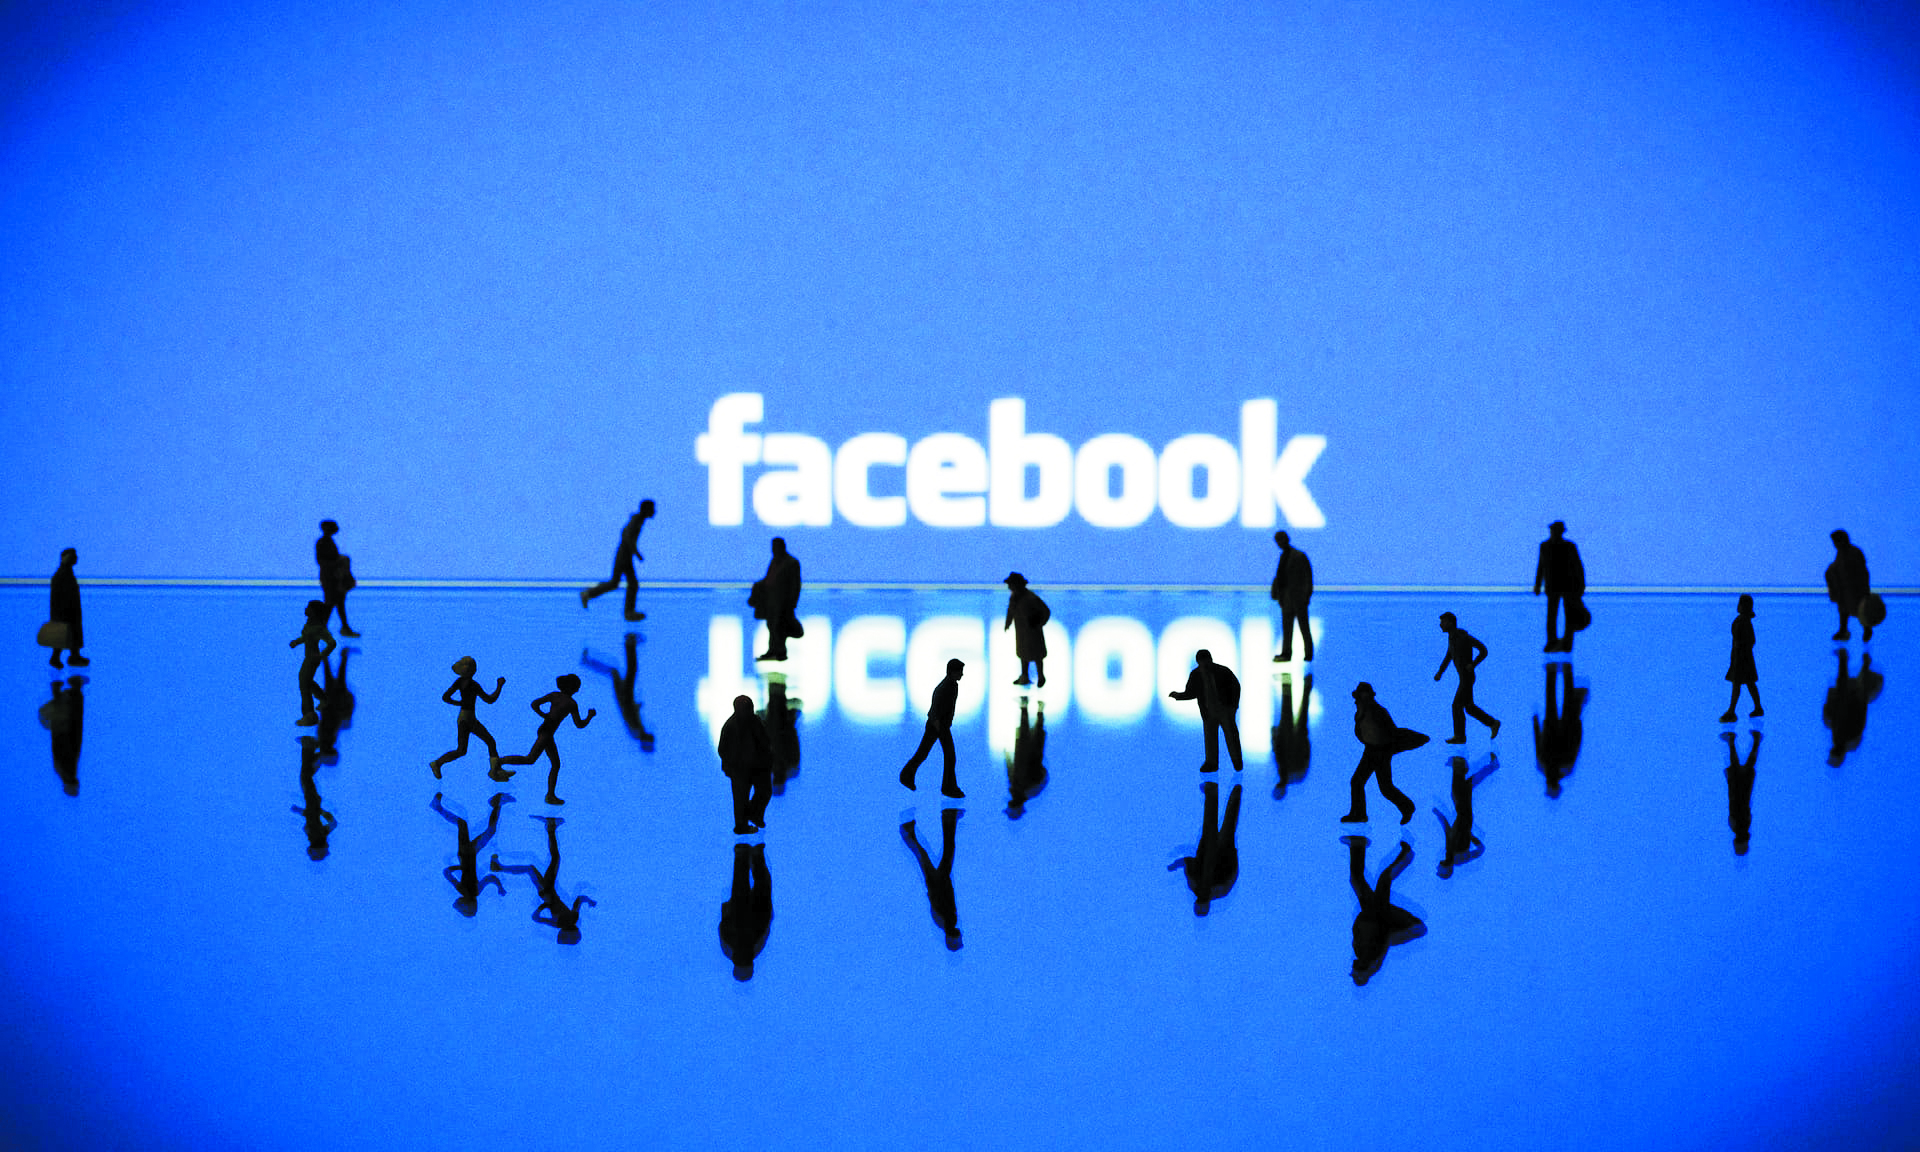 شبکههای اجتماعی و پدیده گمشدن کودکان